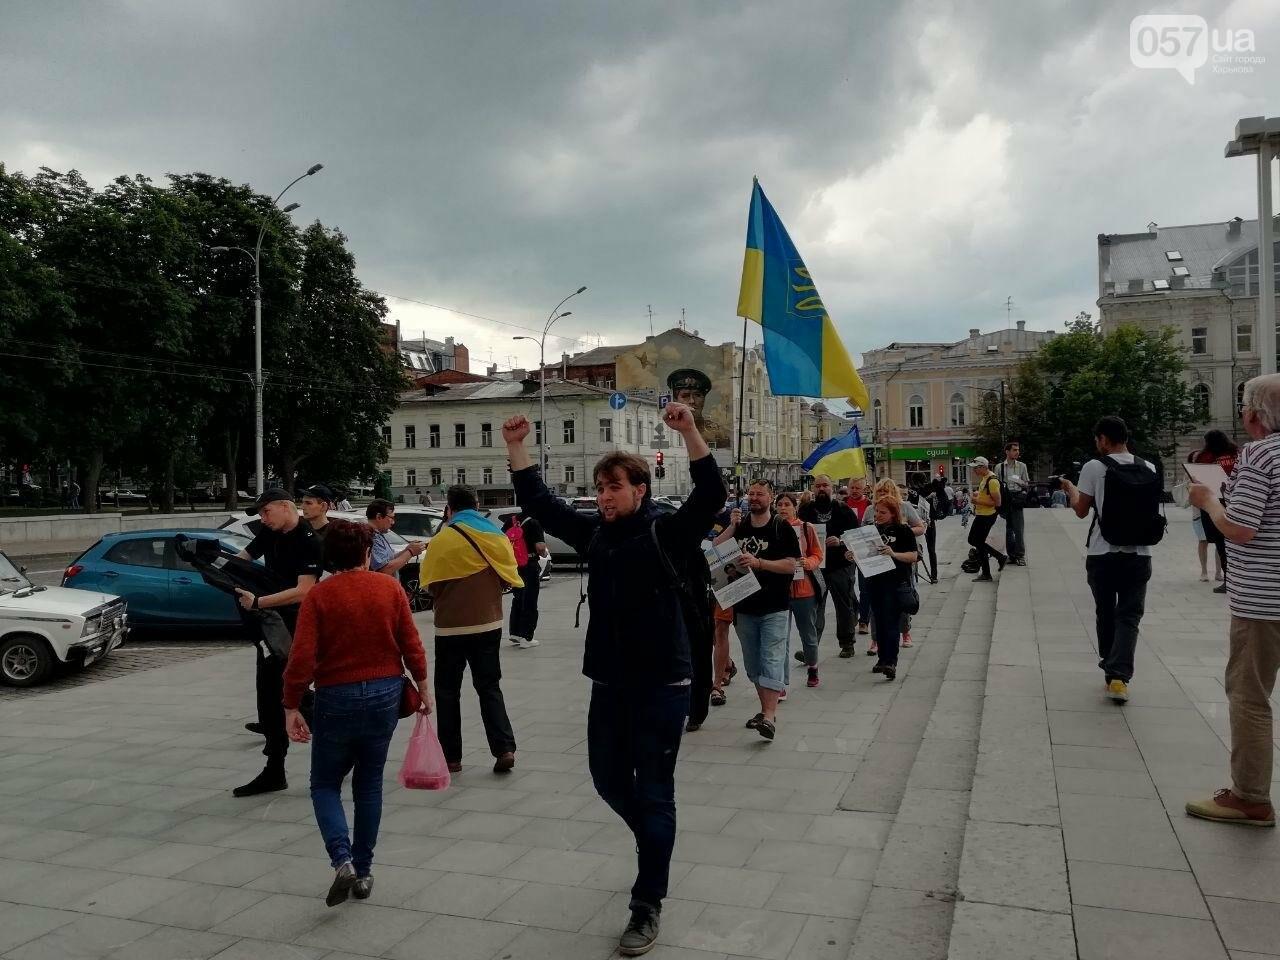 «Верните их в родную гавань»: в Харькове прошла акция в поддержку пленных украинских моряков, - ФОТО, фото-16